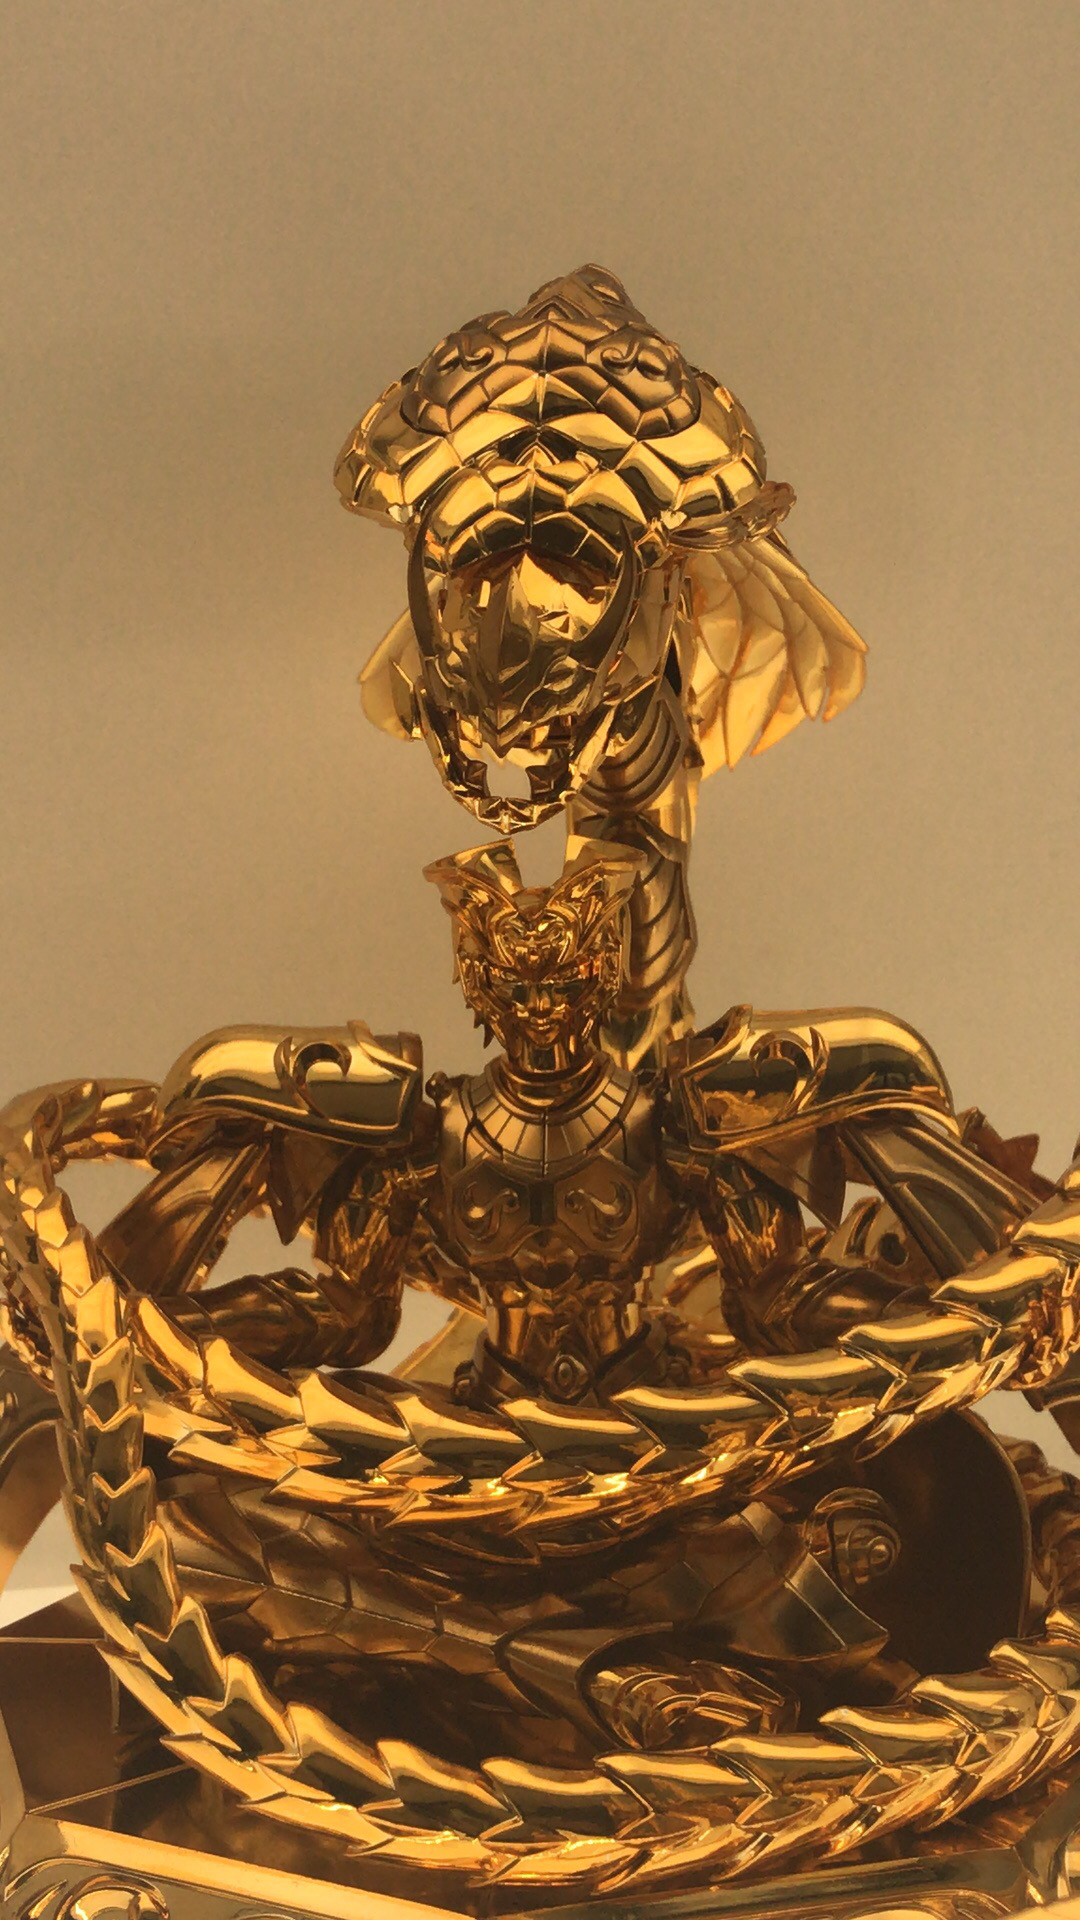 [Comentários] Saint Cloth Myth Ex - Odisseu Cavaleiro de Ouro de Serpentario FLbWgHuT_o